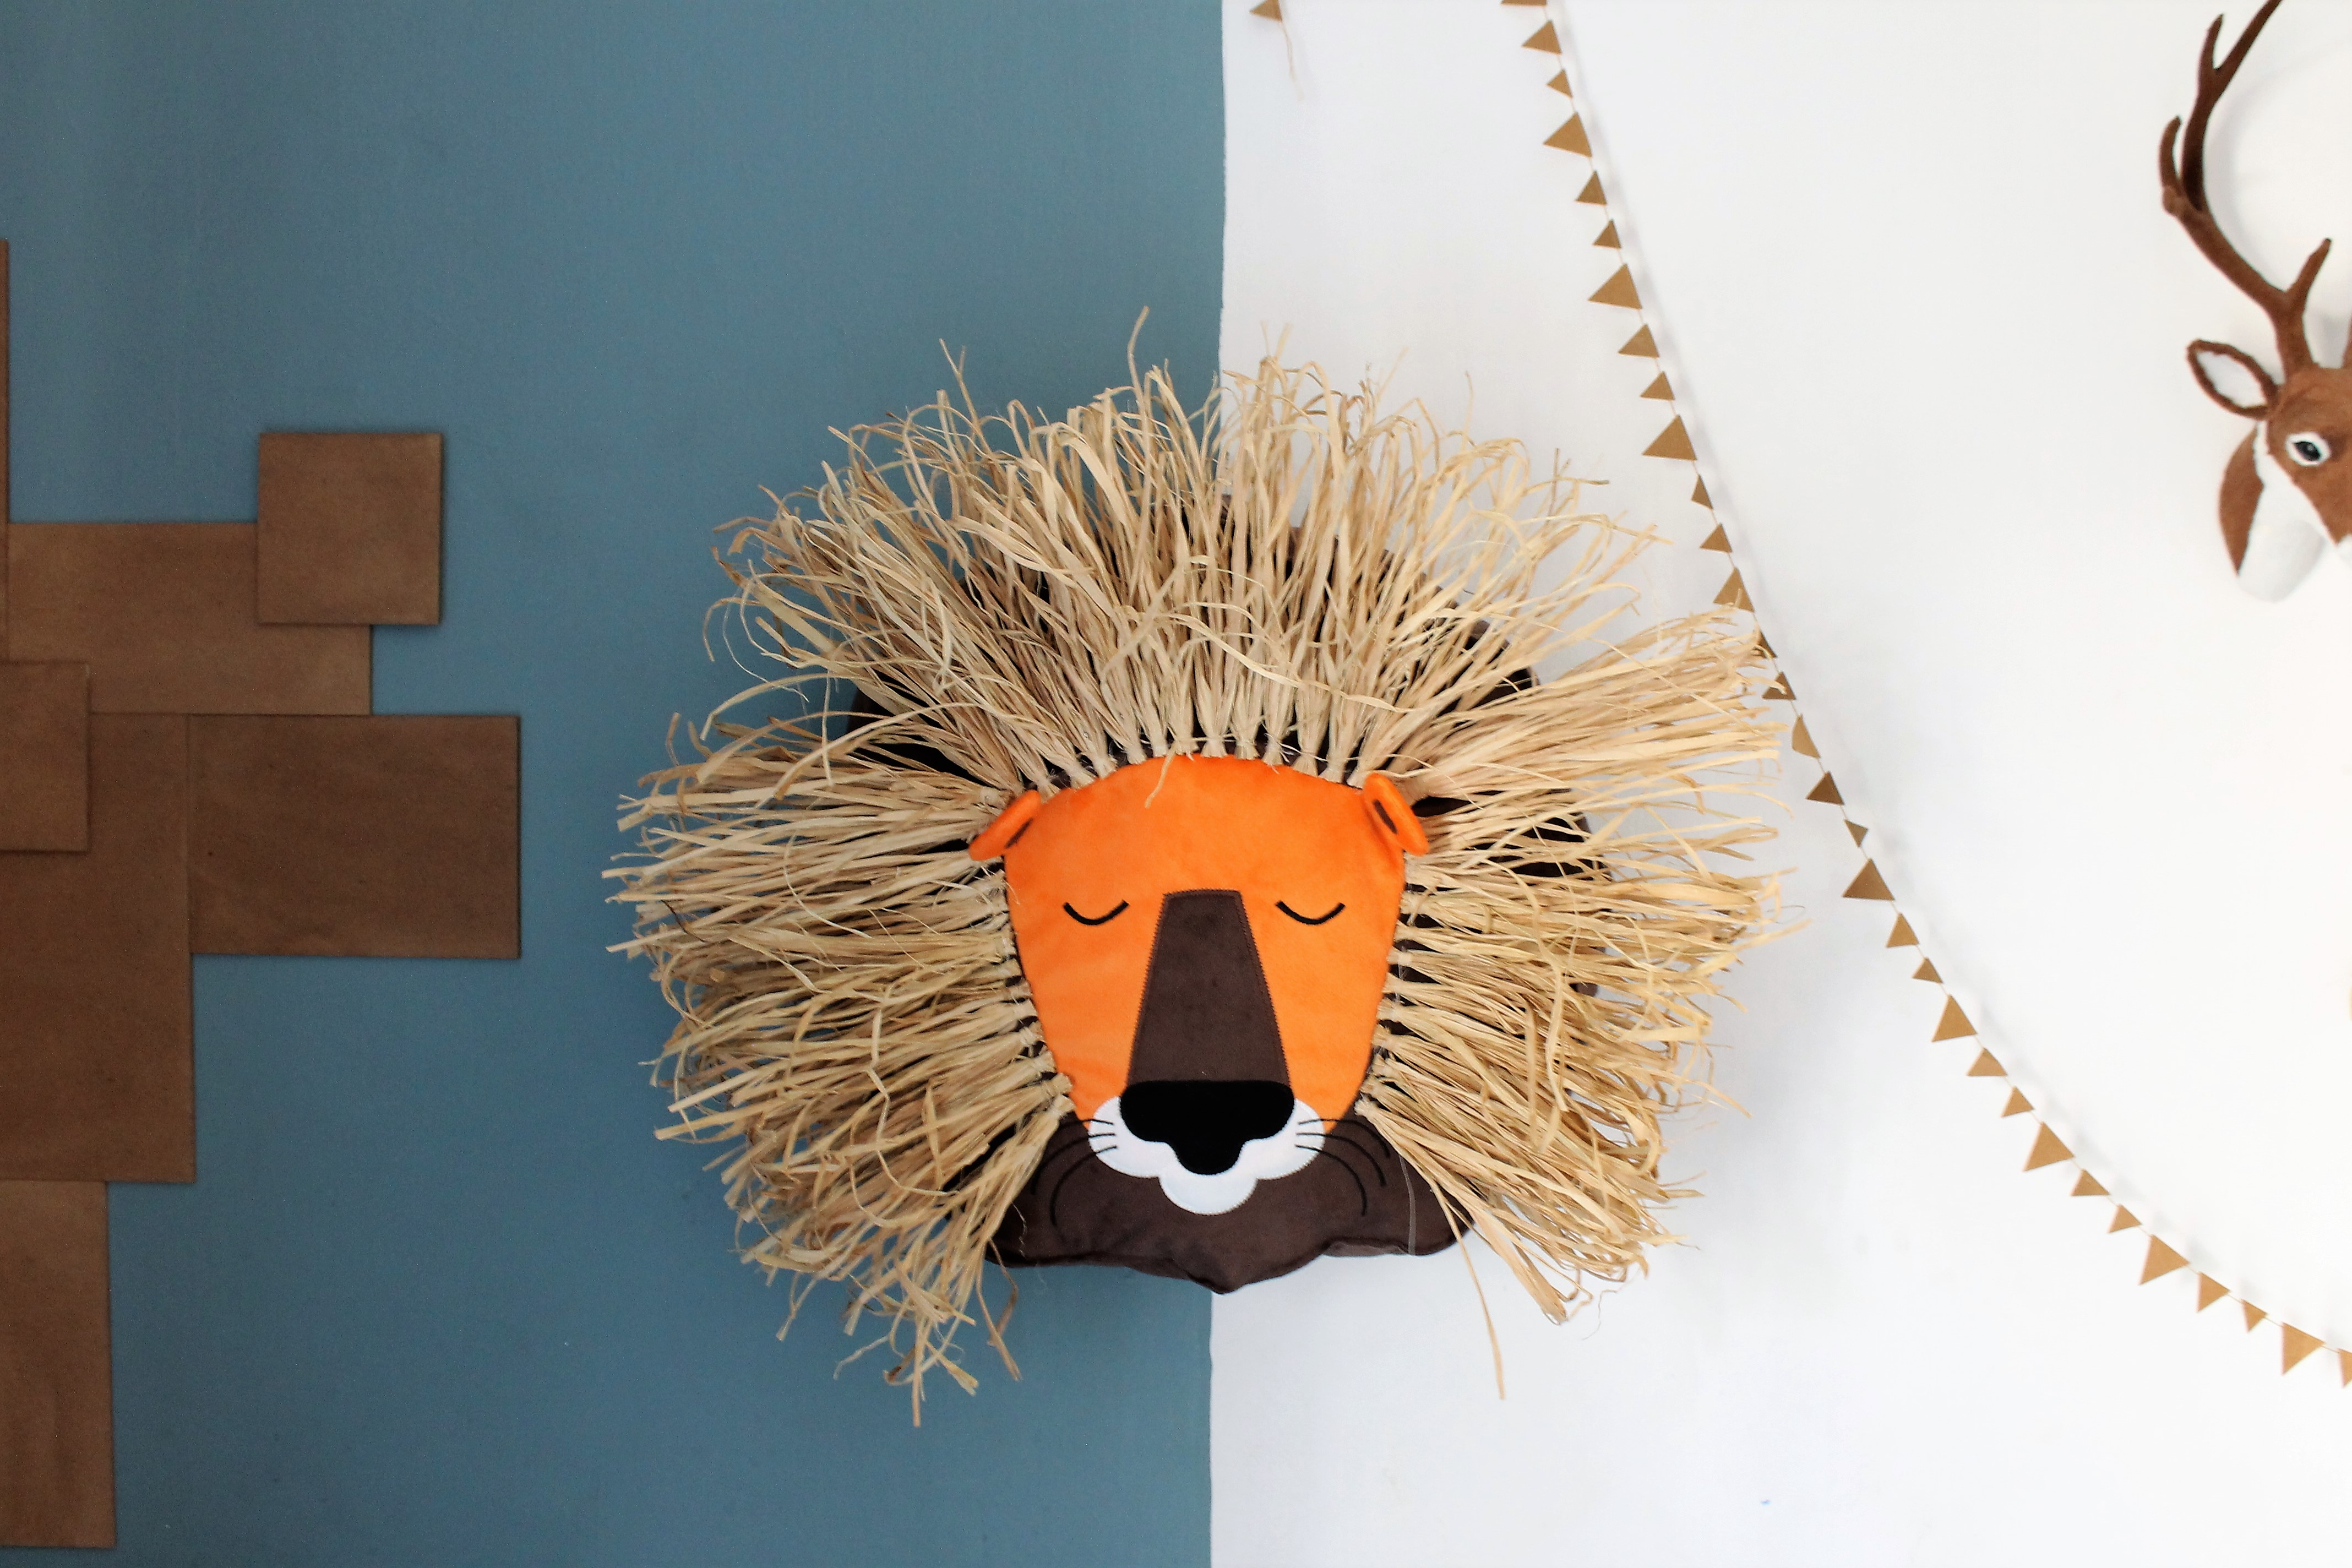 האריה הרעמתן ואיקאה גם!